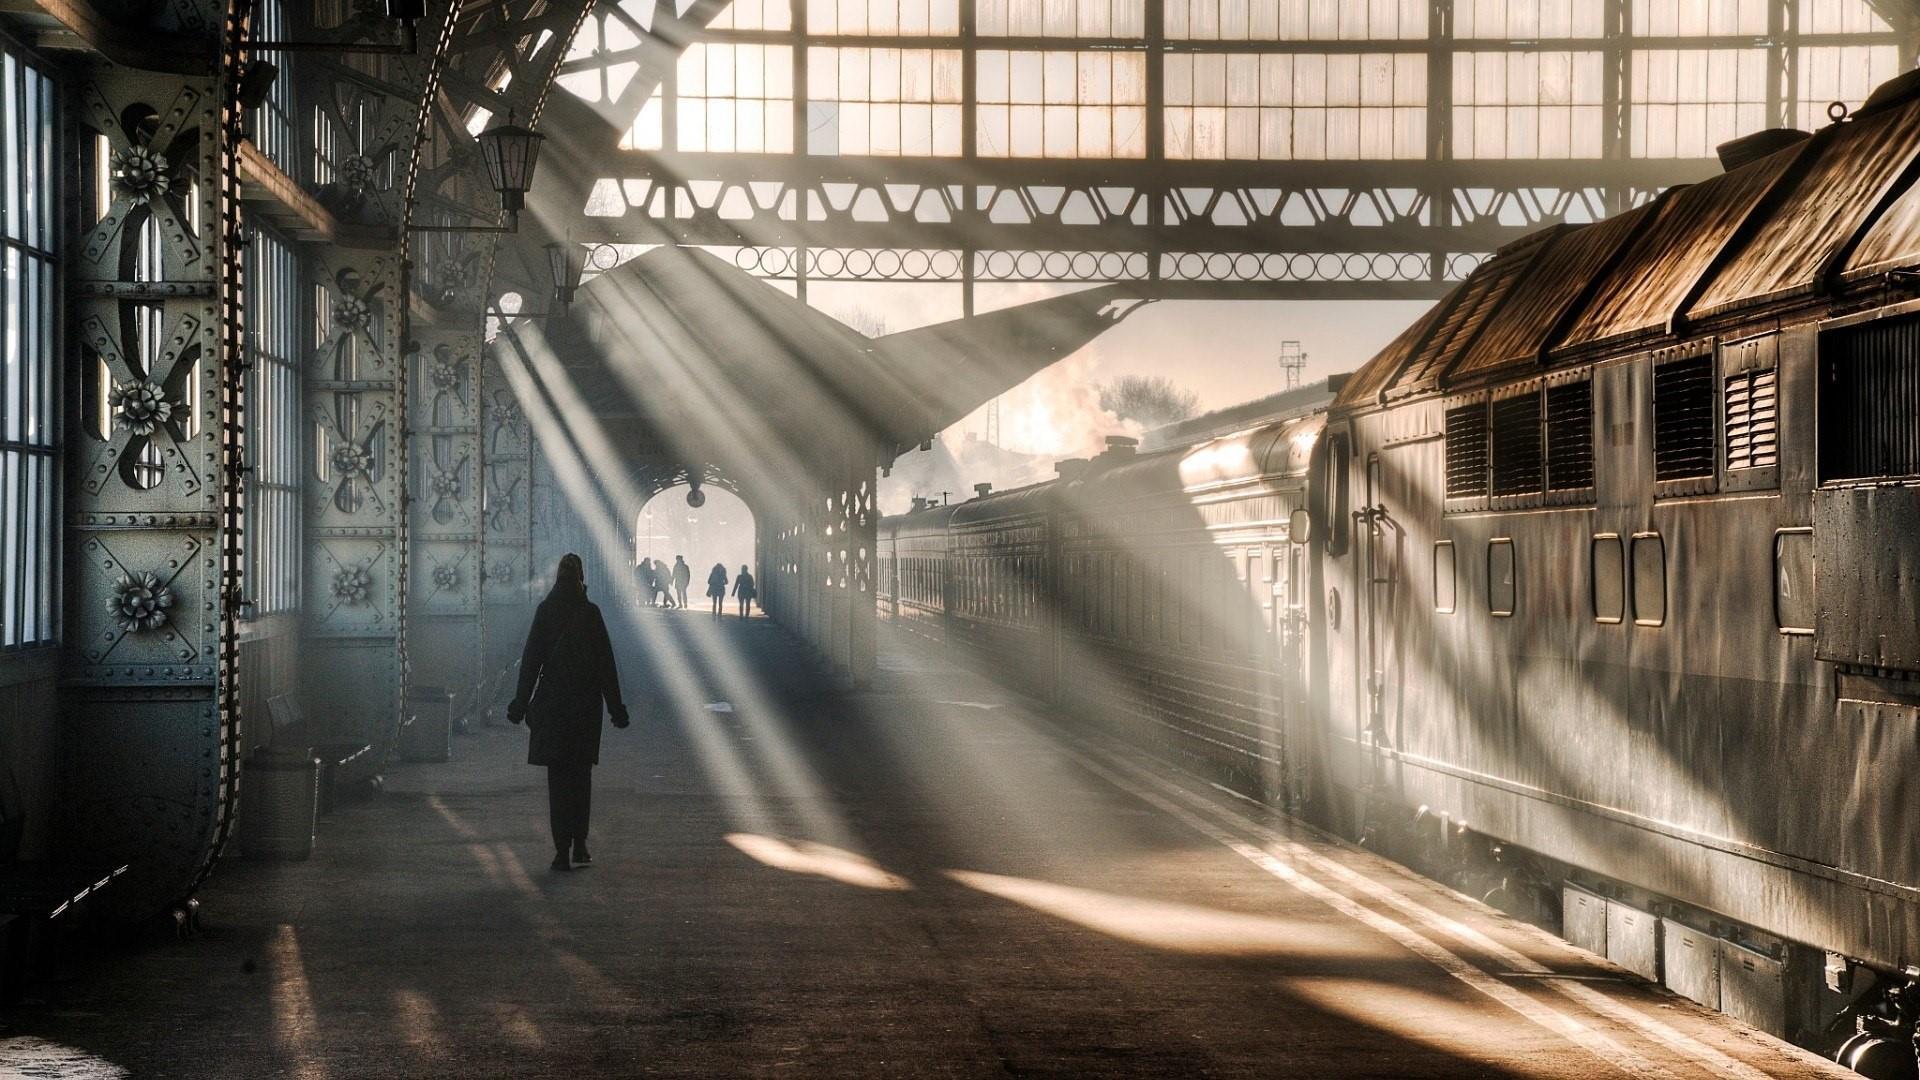 Railway Platform Wallpapers Wallpaper Cave